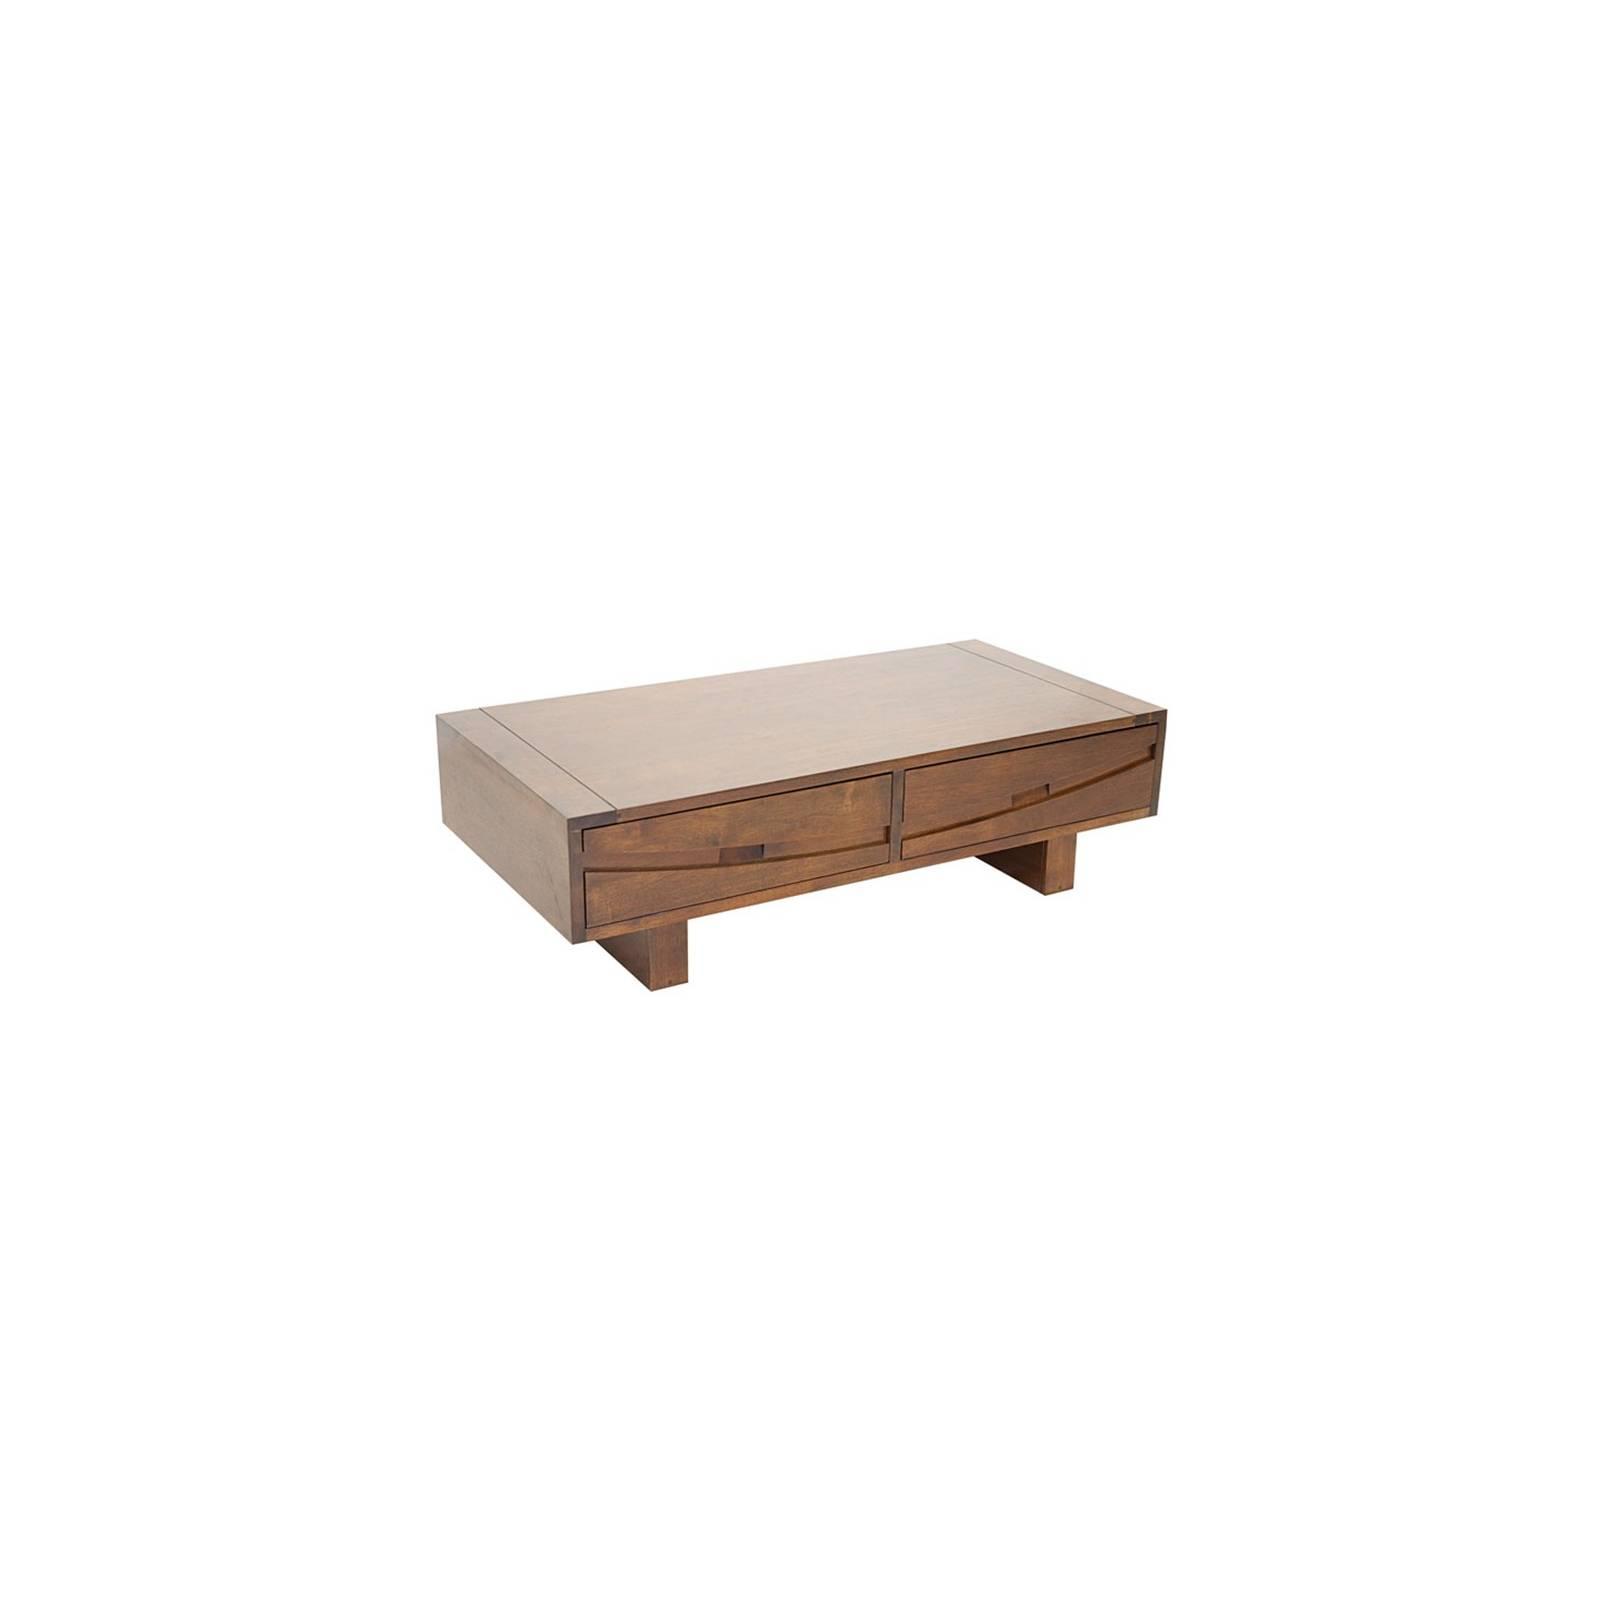 Table Basse Rectangulaire Horizon Hévéa - meuble style ethnique